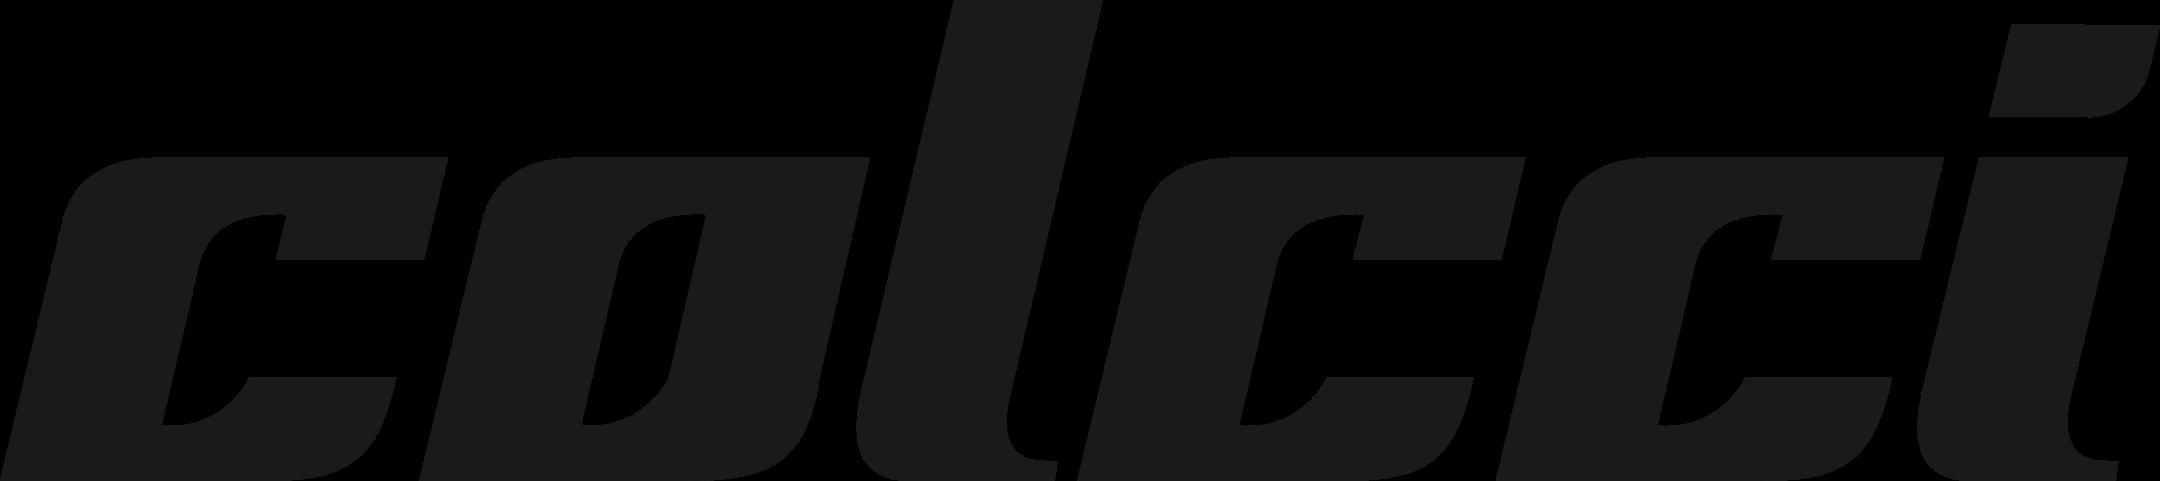 colcci logo 1 - Colcci Logo